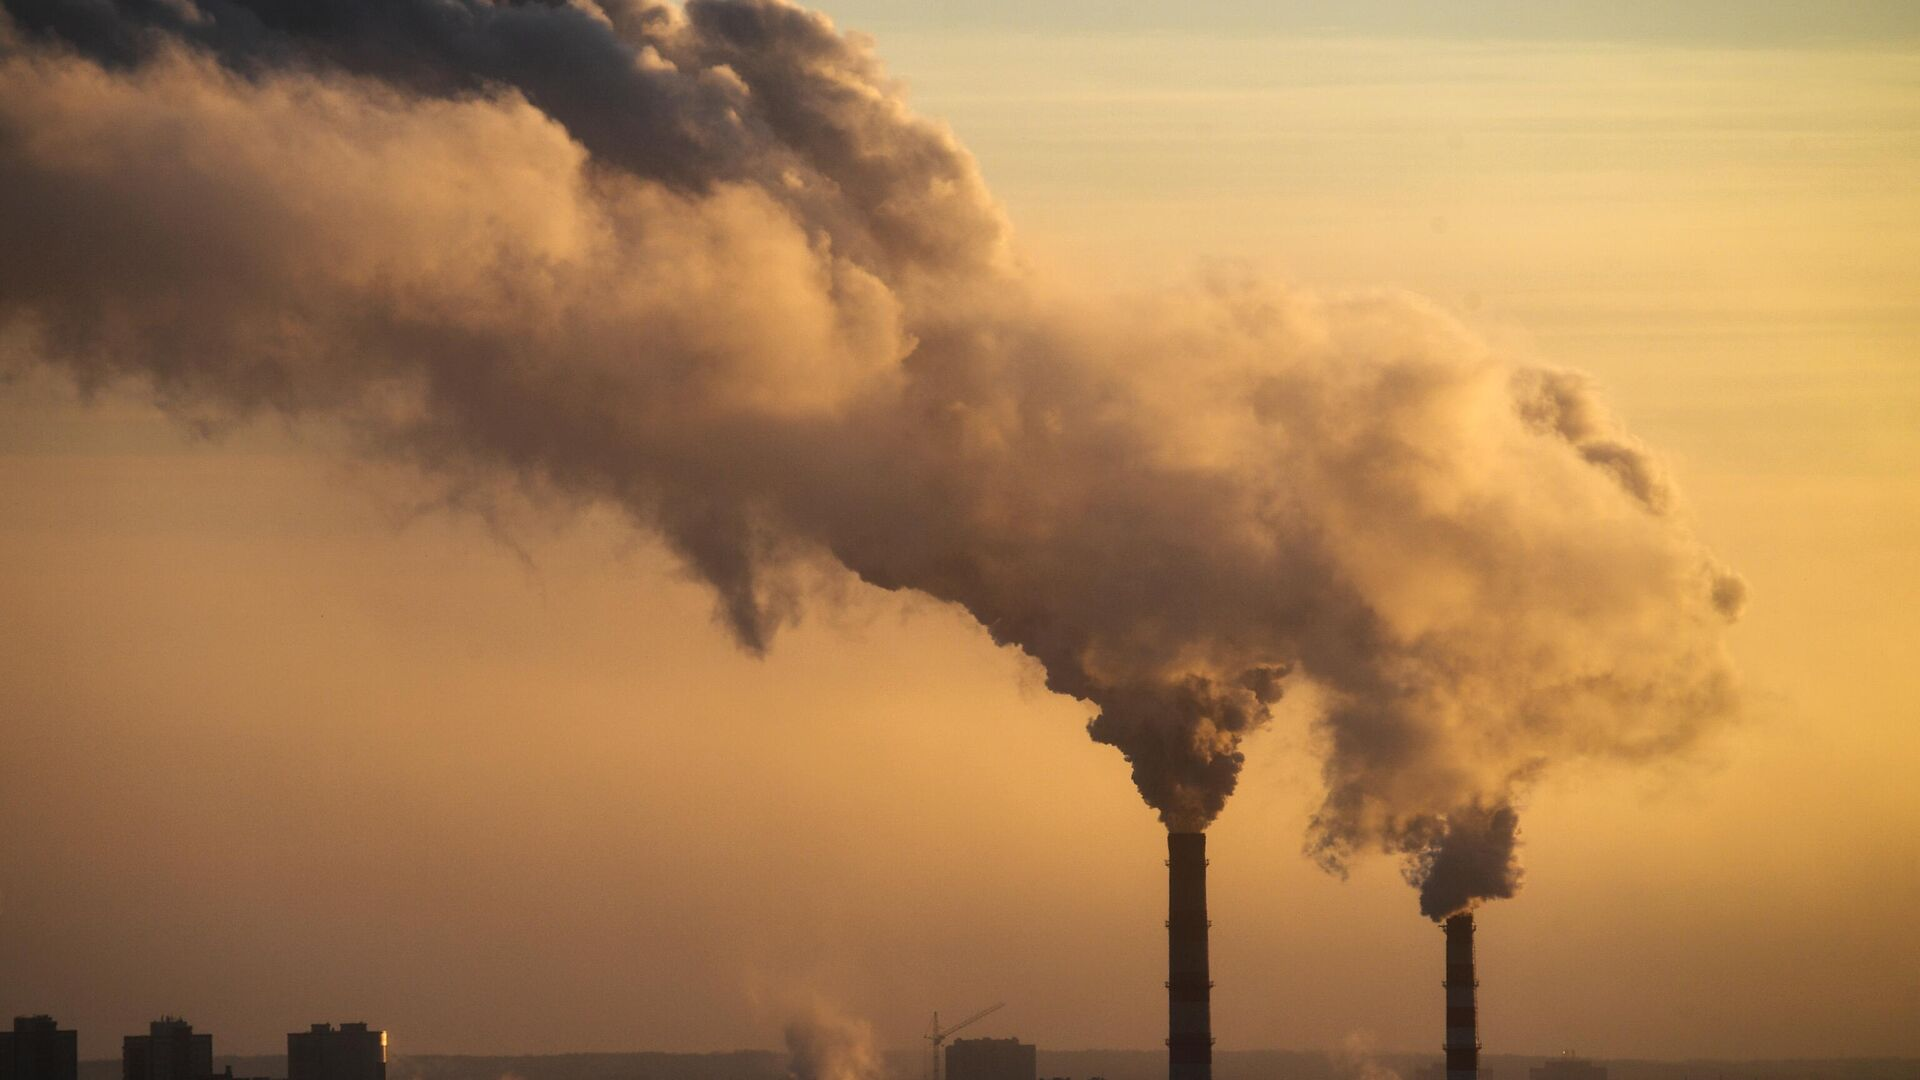 В Красноярске из-за дыма ввели режим неблагоприятных метеоусловий